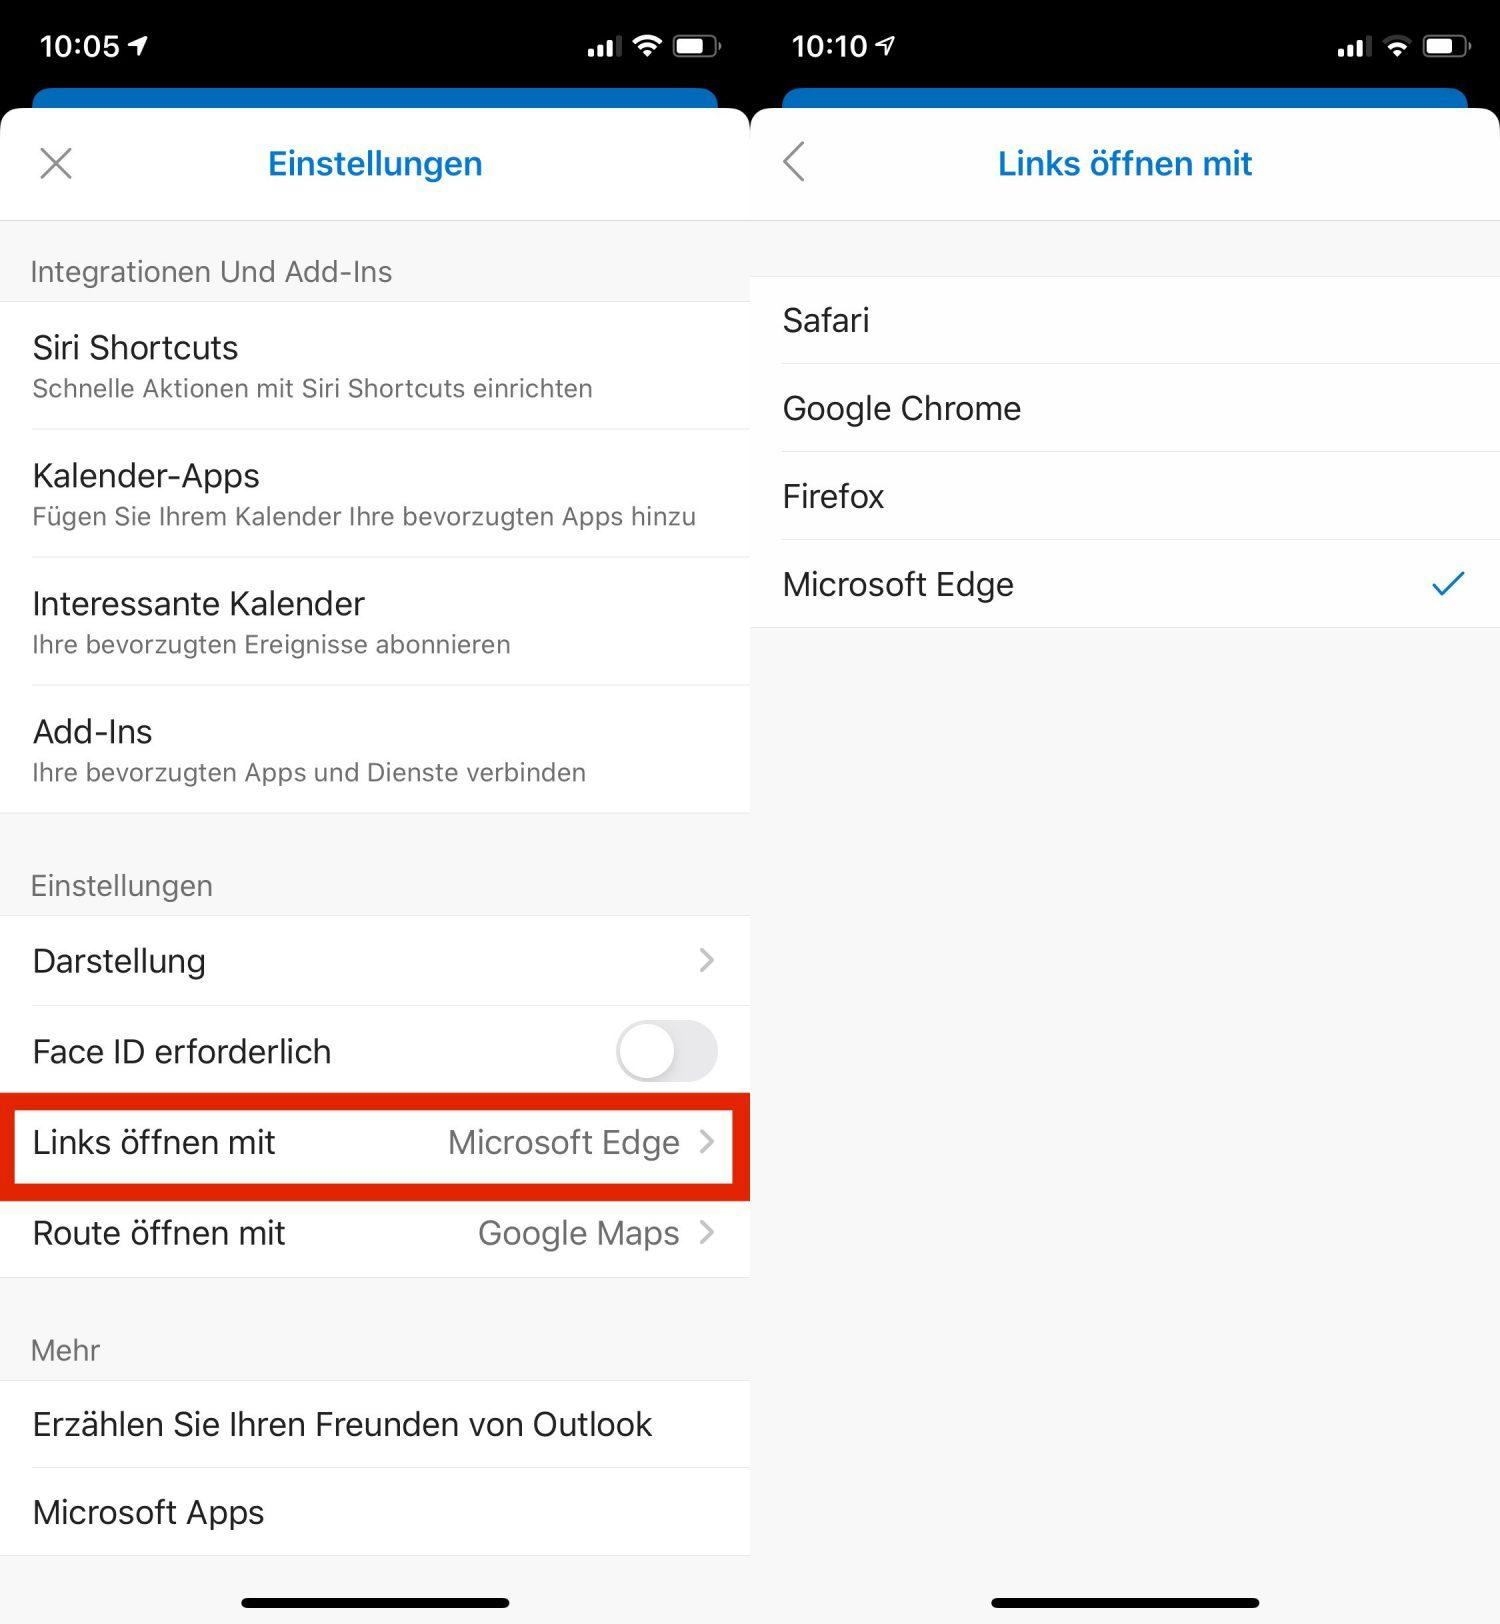 Die Einstellungen von Microsoft Edge unter iOS